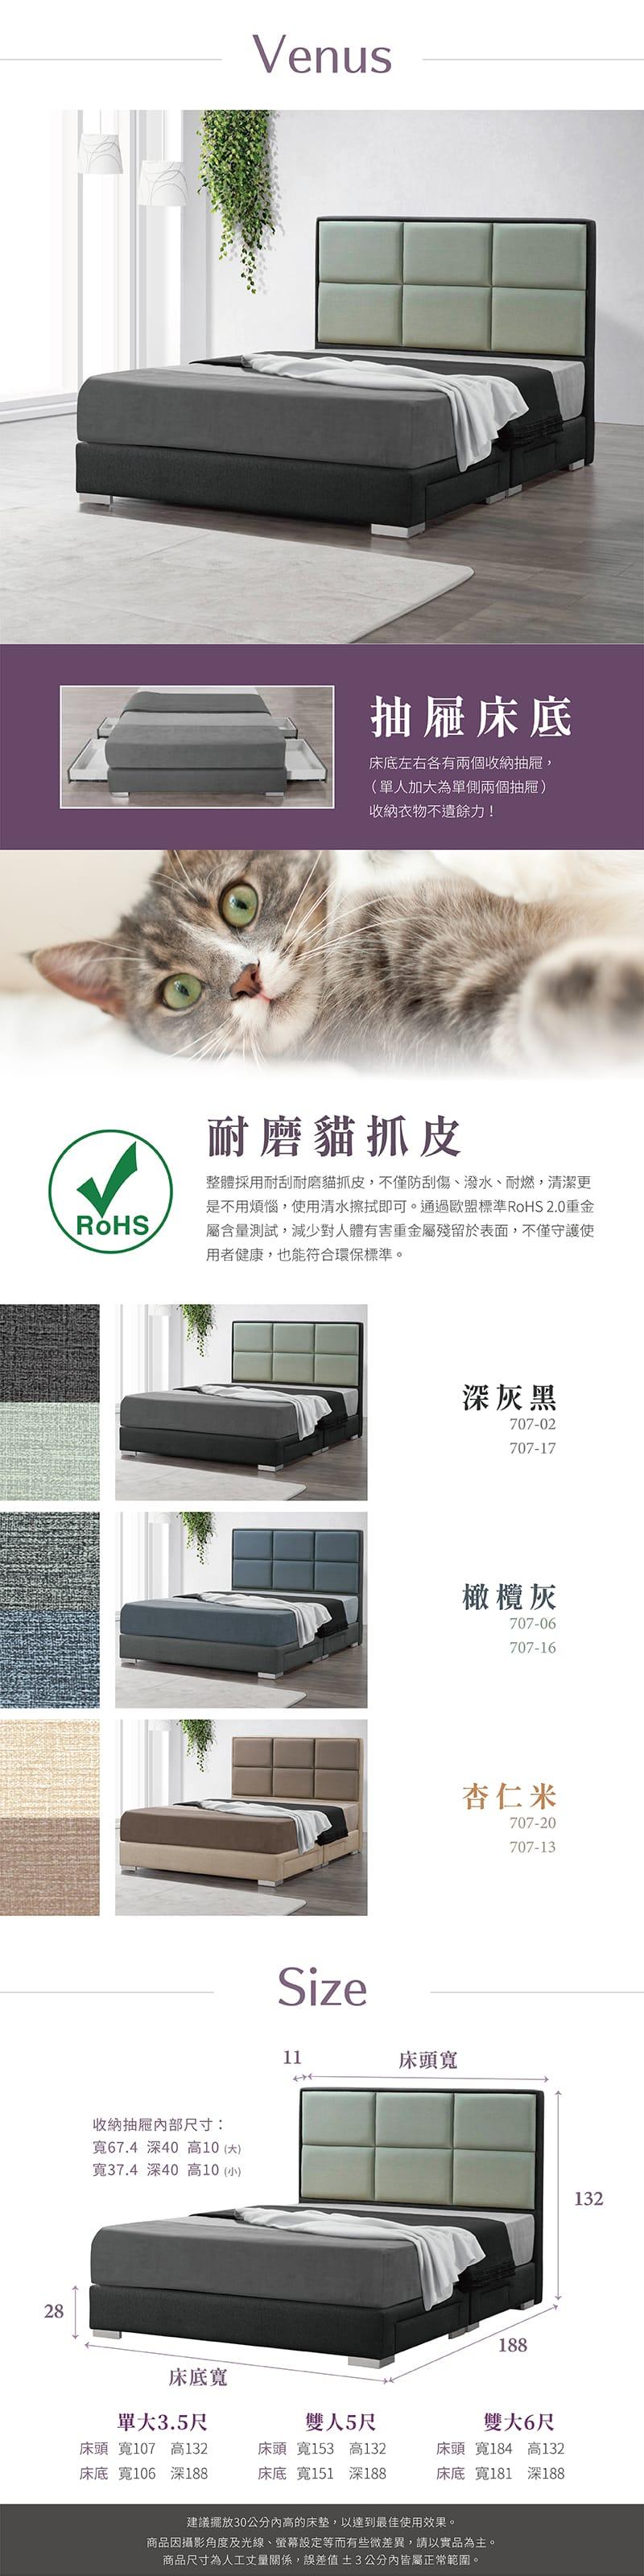 貓抓皮收納床組兩件 單人加大3.5尺(床頭片+抽屜床底)【馬丁】